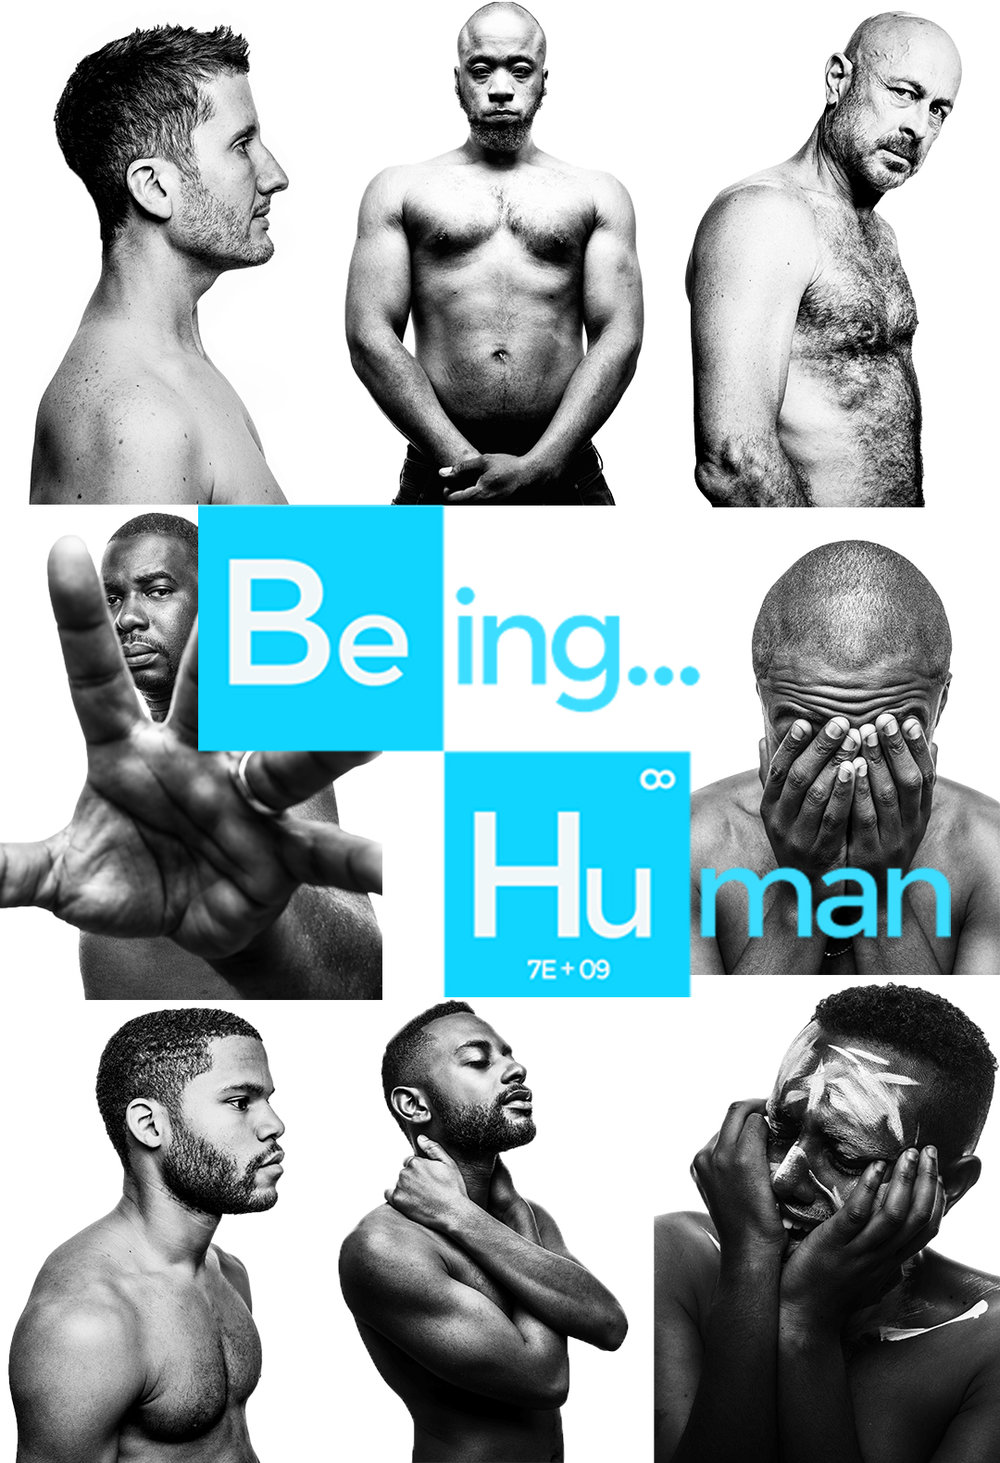 Being_Human_Social_media(New).jpg